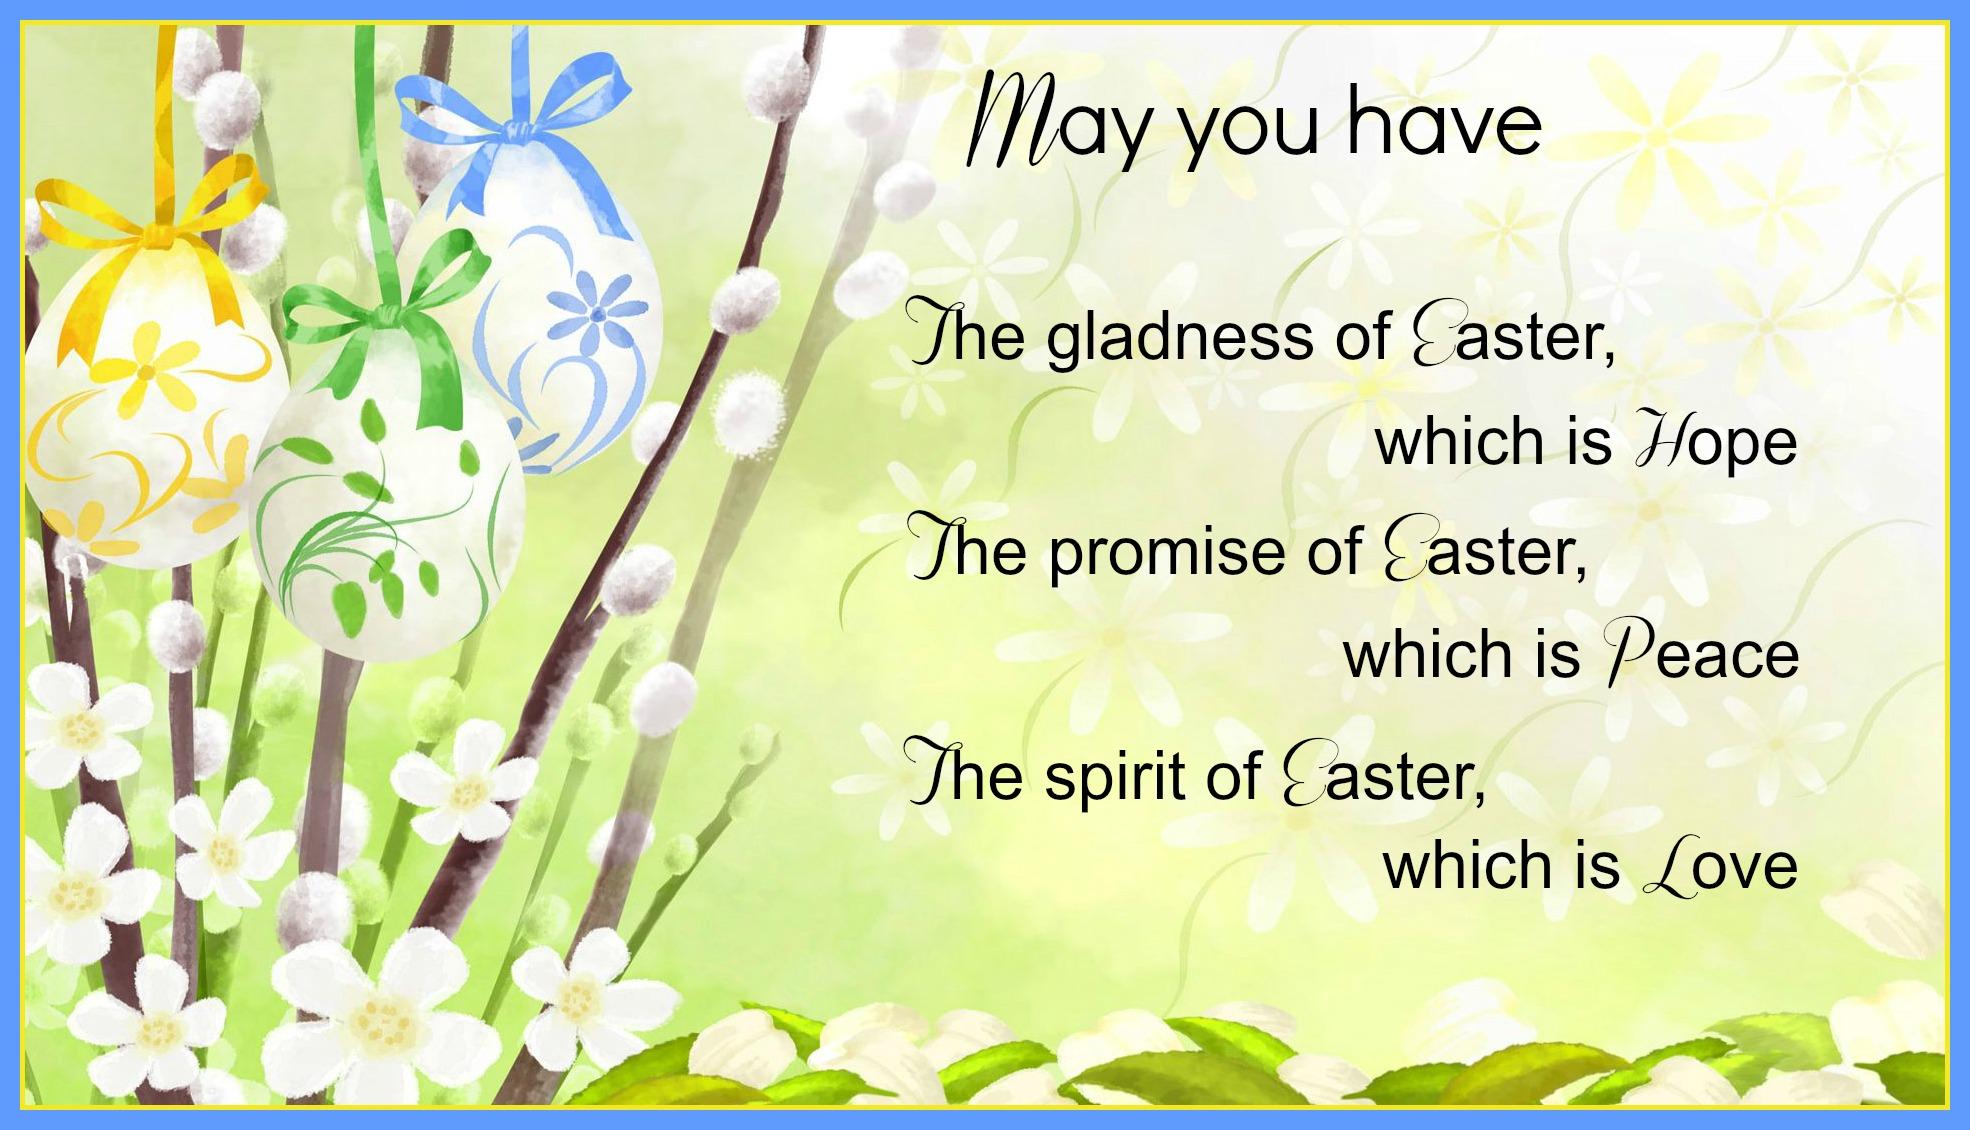 Easter Blessings | SUPPORT FOR OSCAR PISTORIUS